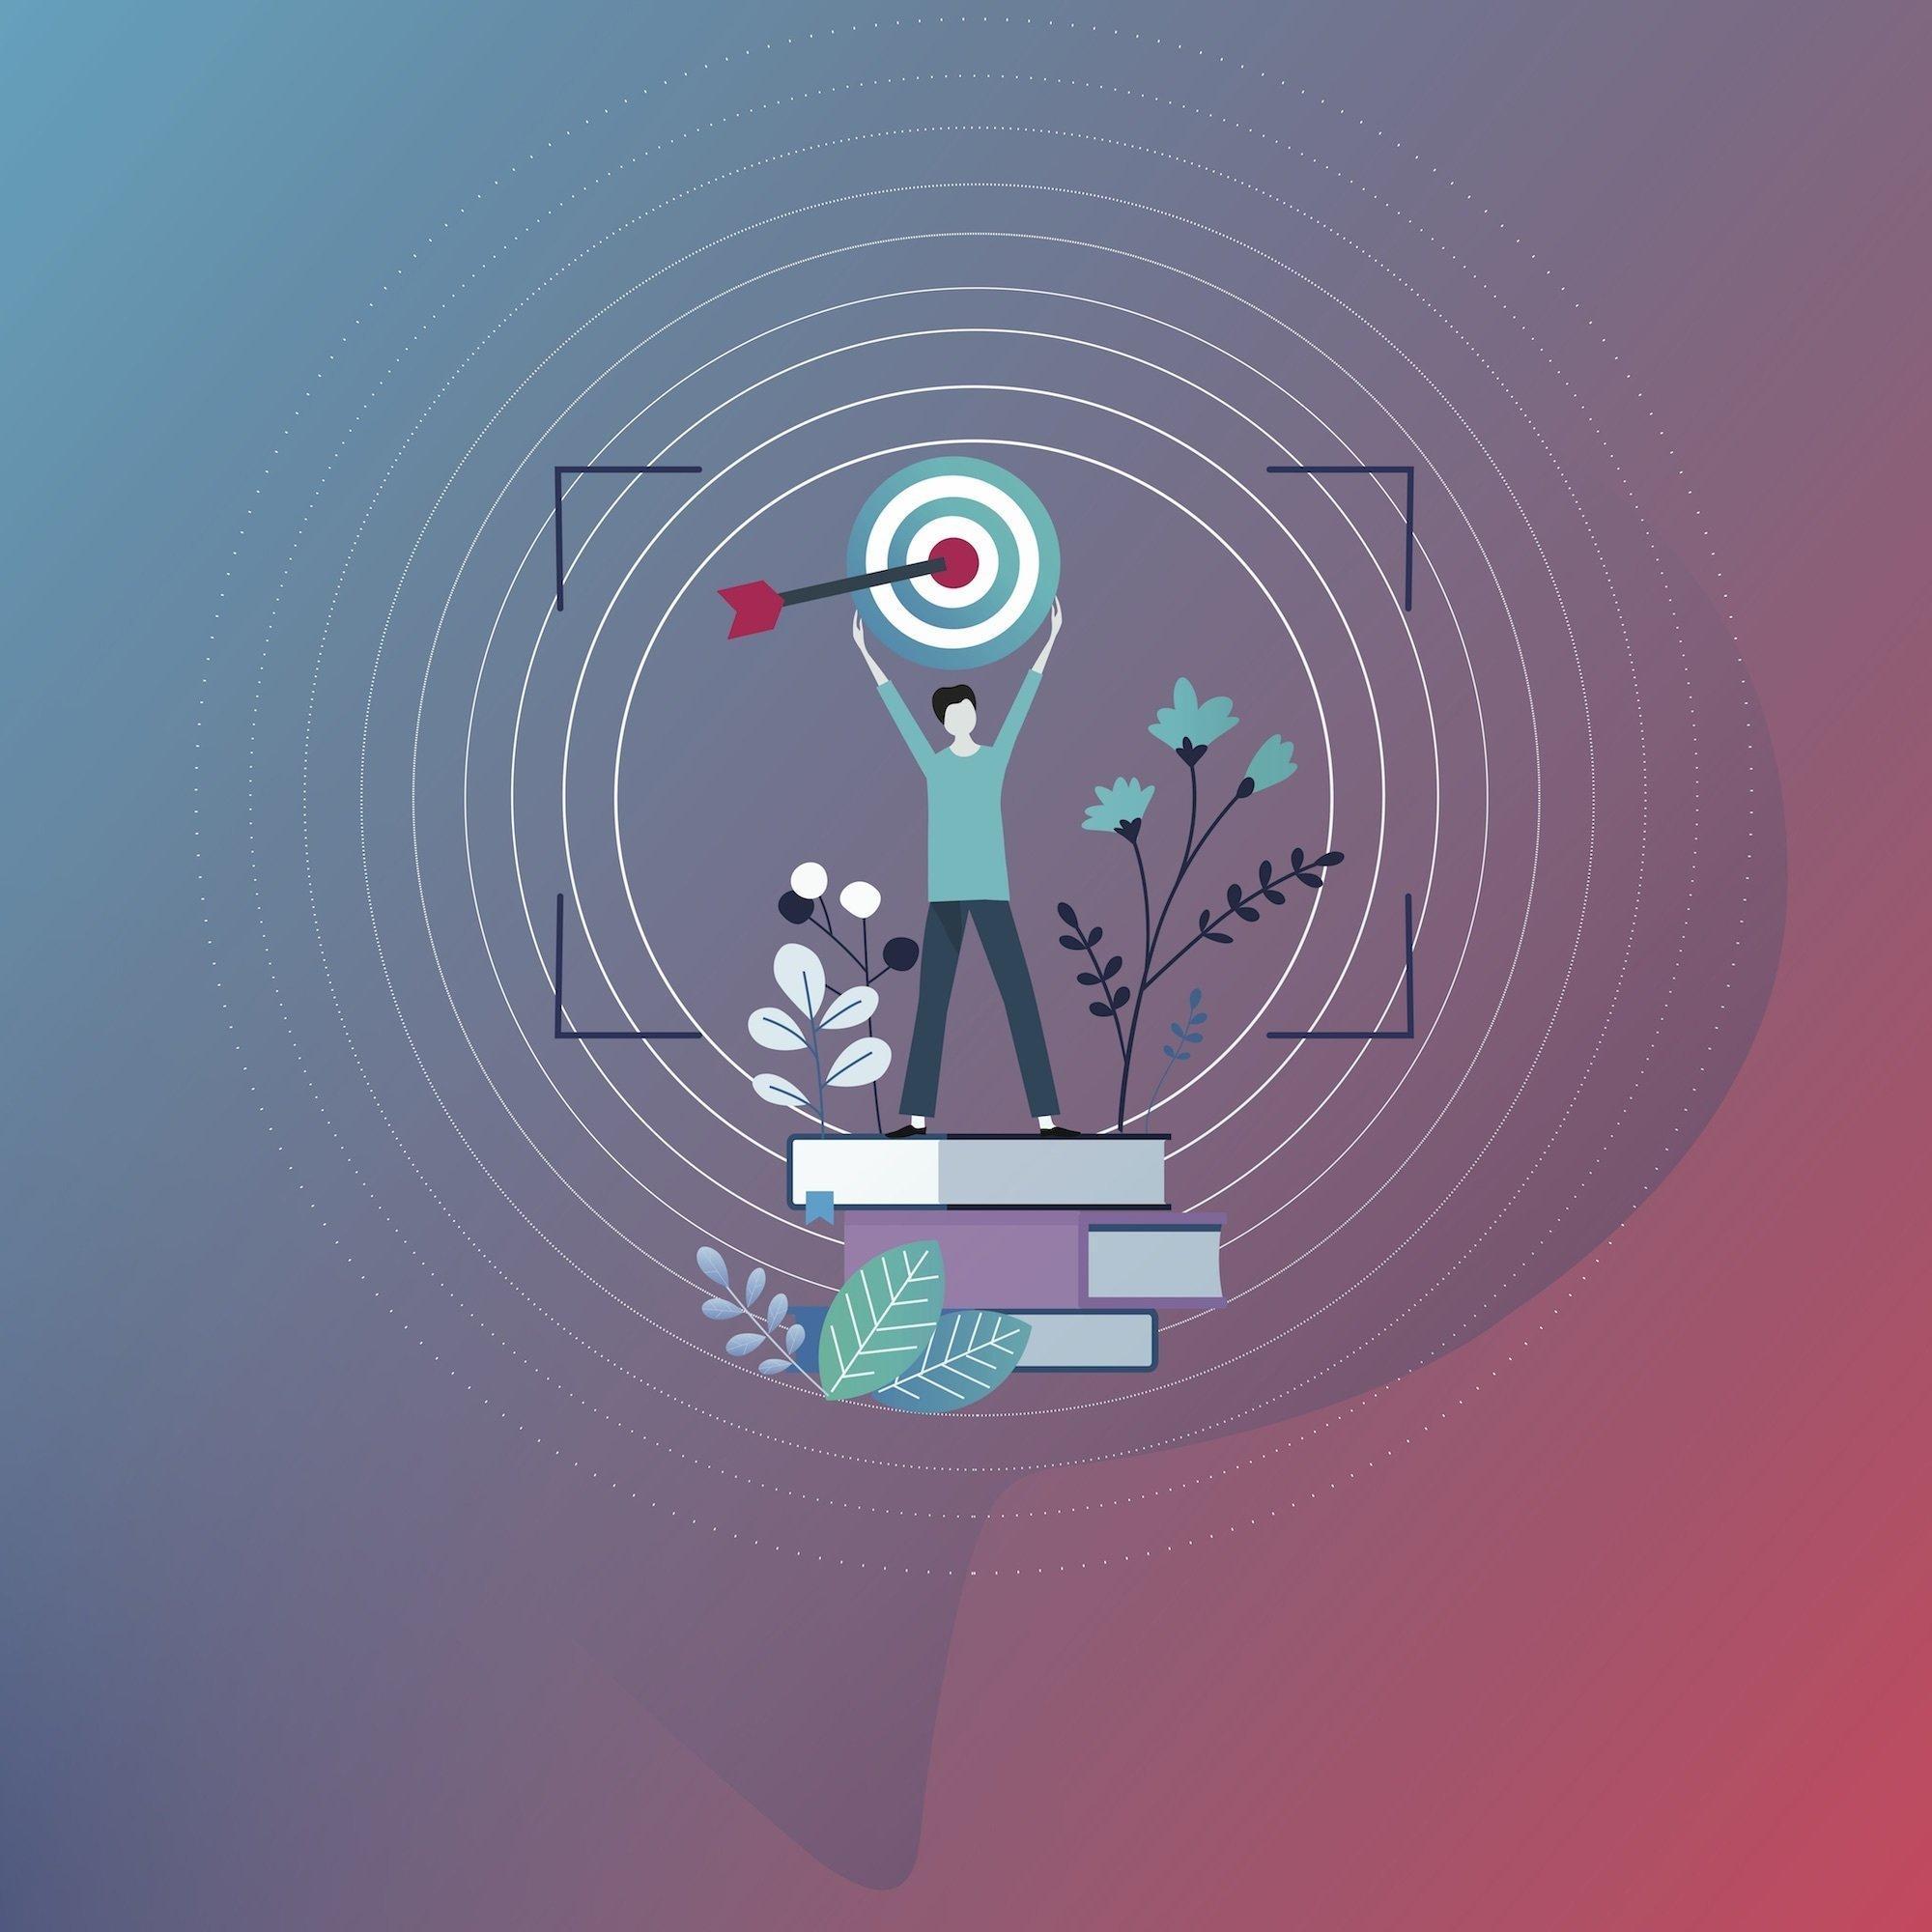 Eine Grafik zeigt eine Person, die auf Büchern steht und eine Zielscheibe hochhält, in deren Zentrum ein roter Pfeil steckt. Die Szene ist umgeben von konzentrischen Kreise und eingerahmt von den Ecken eines Rechtsecks, die den Eindruck eines Kamera-Suchers vermitteln. Im Hintergrund sind ein Farbverlauf von Rot nach Blau und eine angedeutete Sprechblase zu sehen. Der Bildtext lautet: Grafiken dieser Art prägen die Online-Version der Handbuch-Texte. Sie drücken symbolisch aus, worum es in einem Kapitel, oder hier der Einleitung, geht.